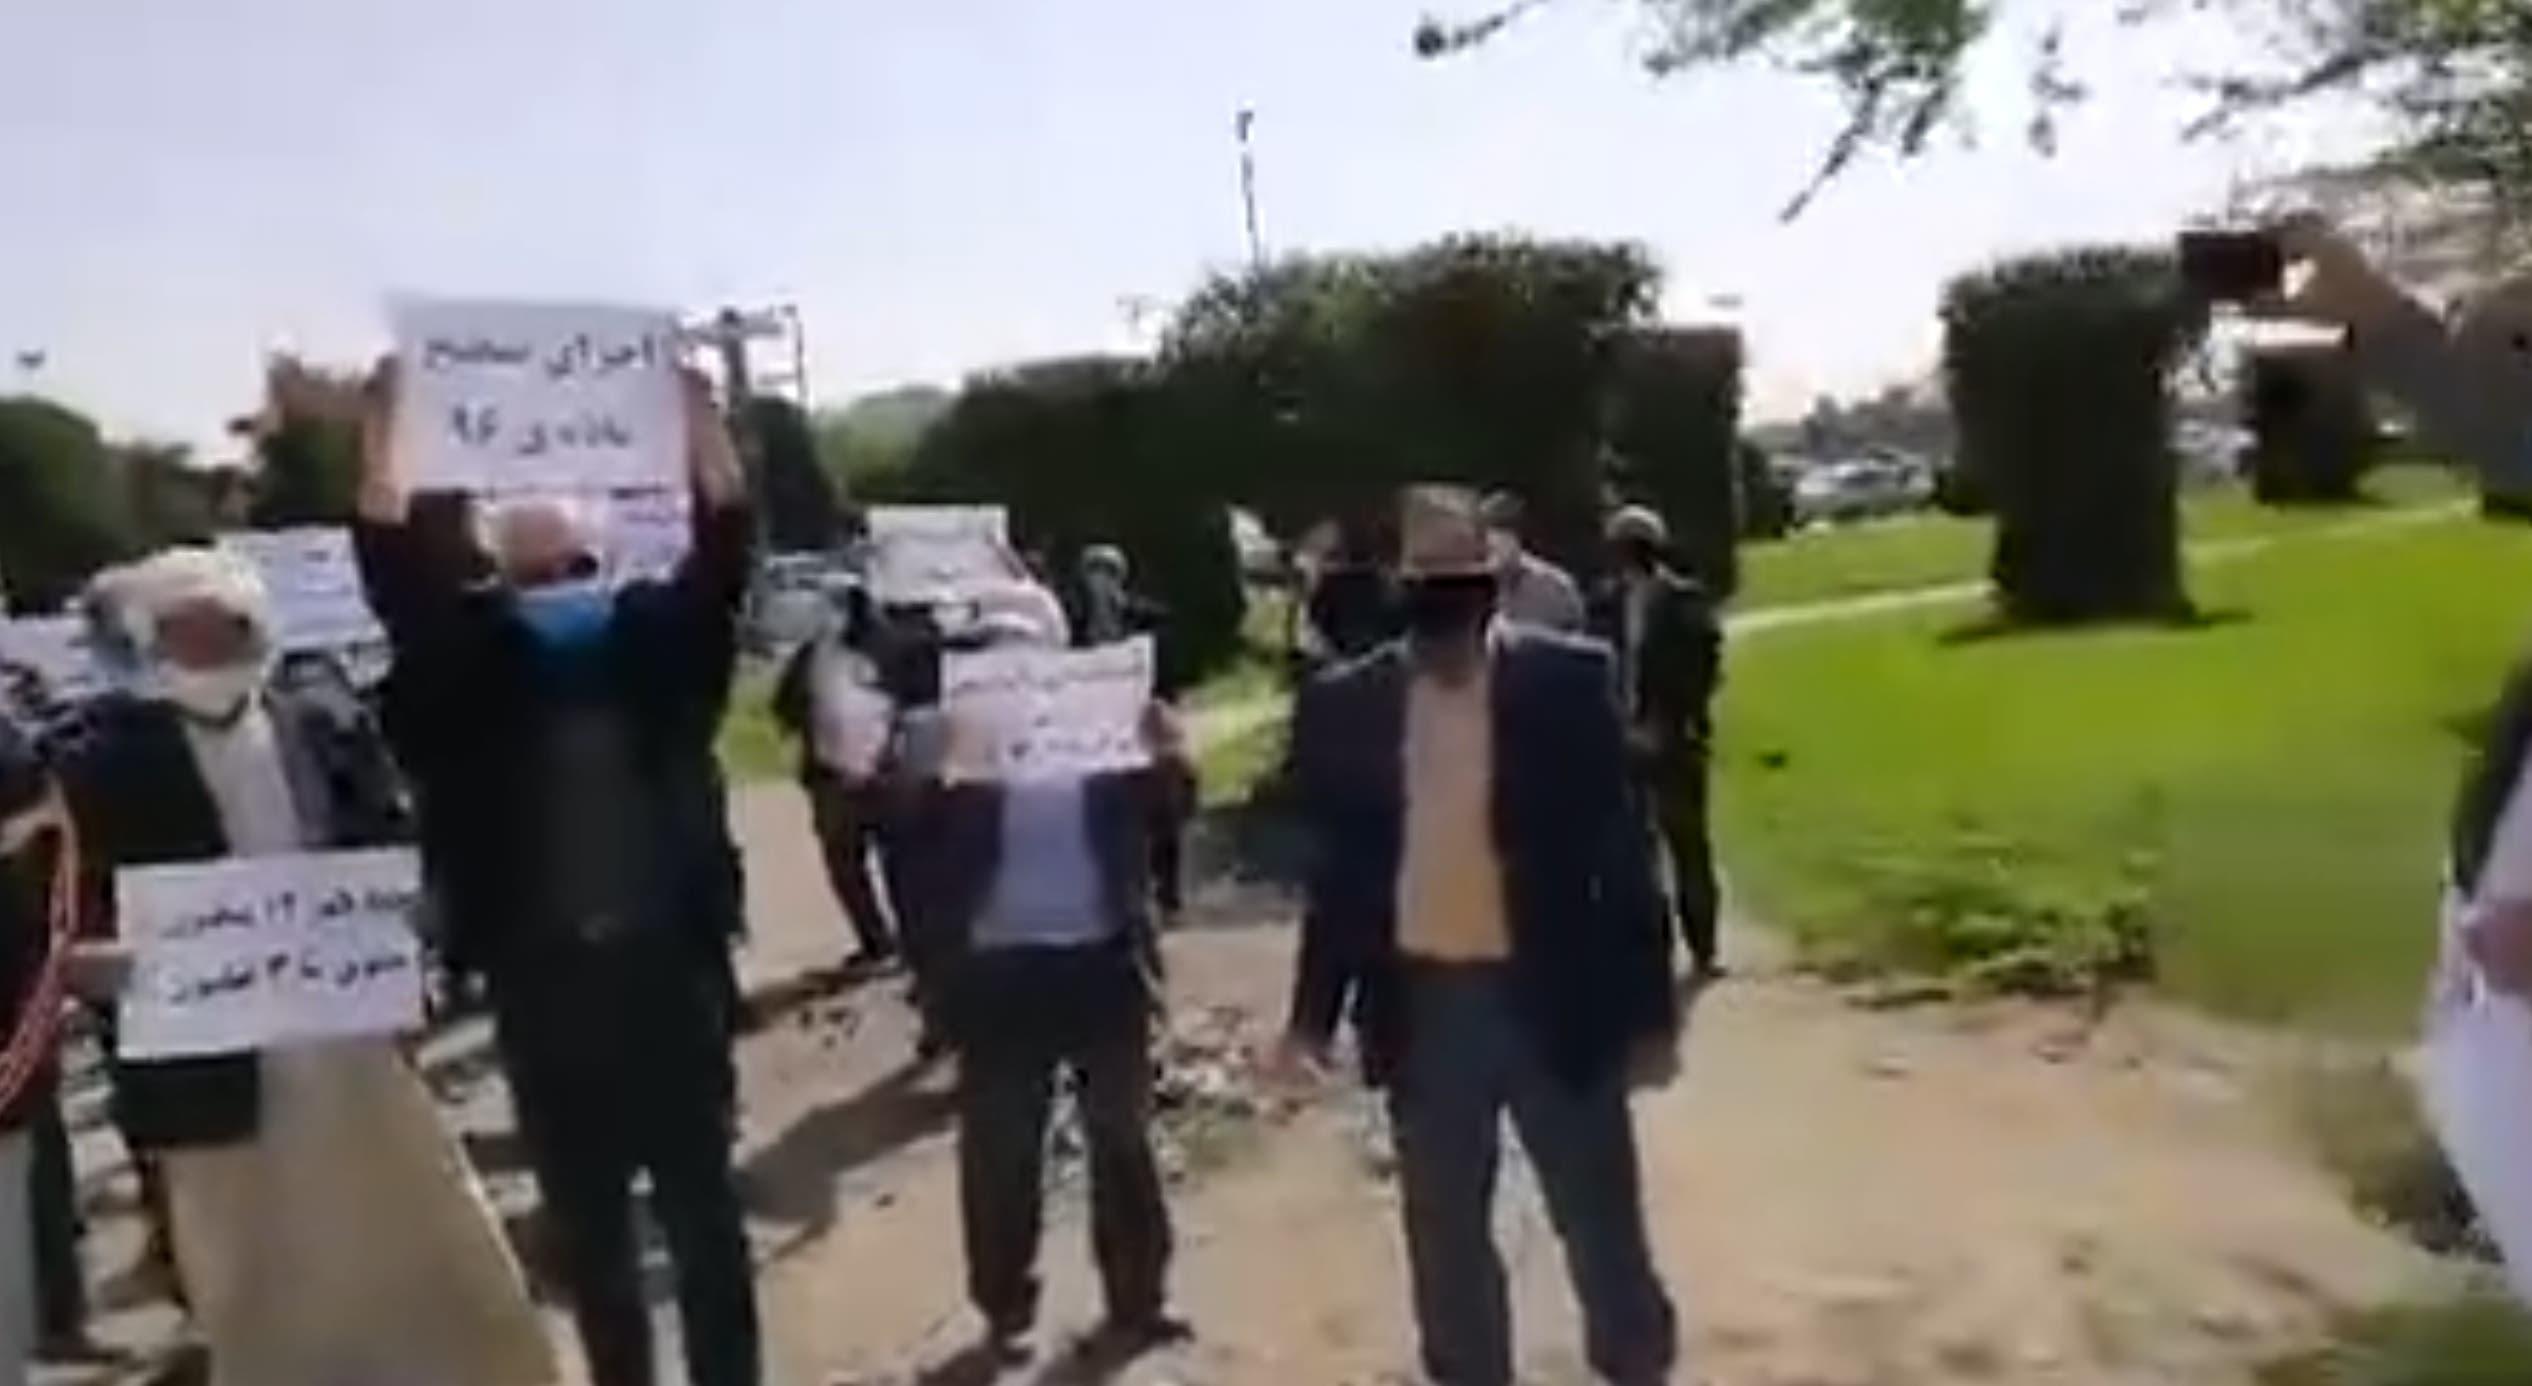 مظاهرات الأهواز إيران 21 فبراير 2021